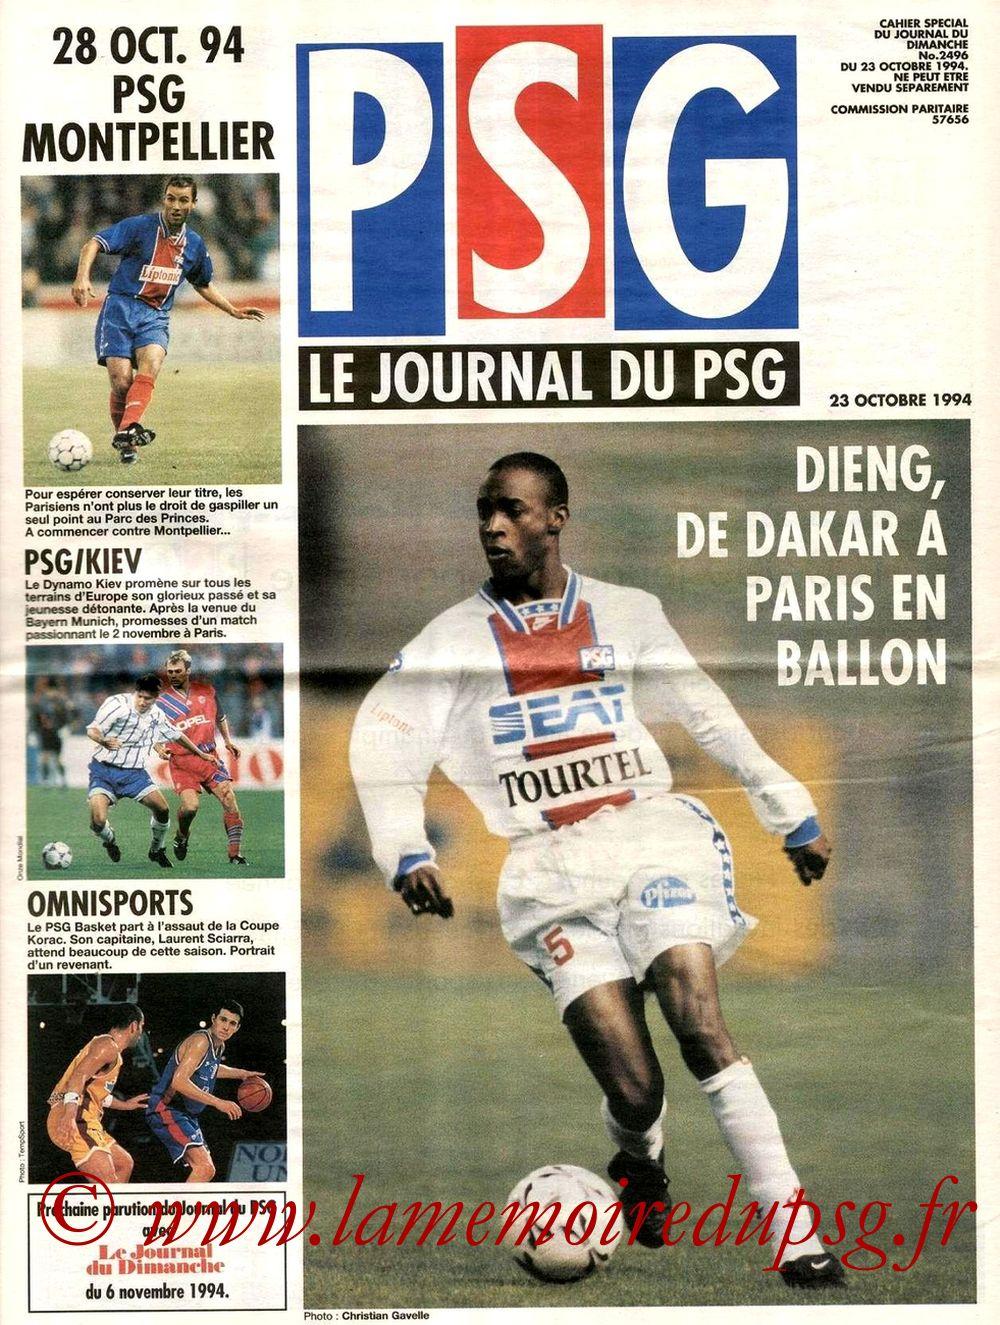 1994-10-28  PSG-Montpellier (15ème D1, Le journal du PSG N°6)